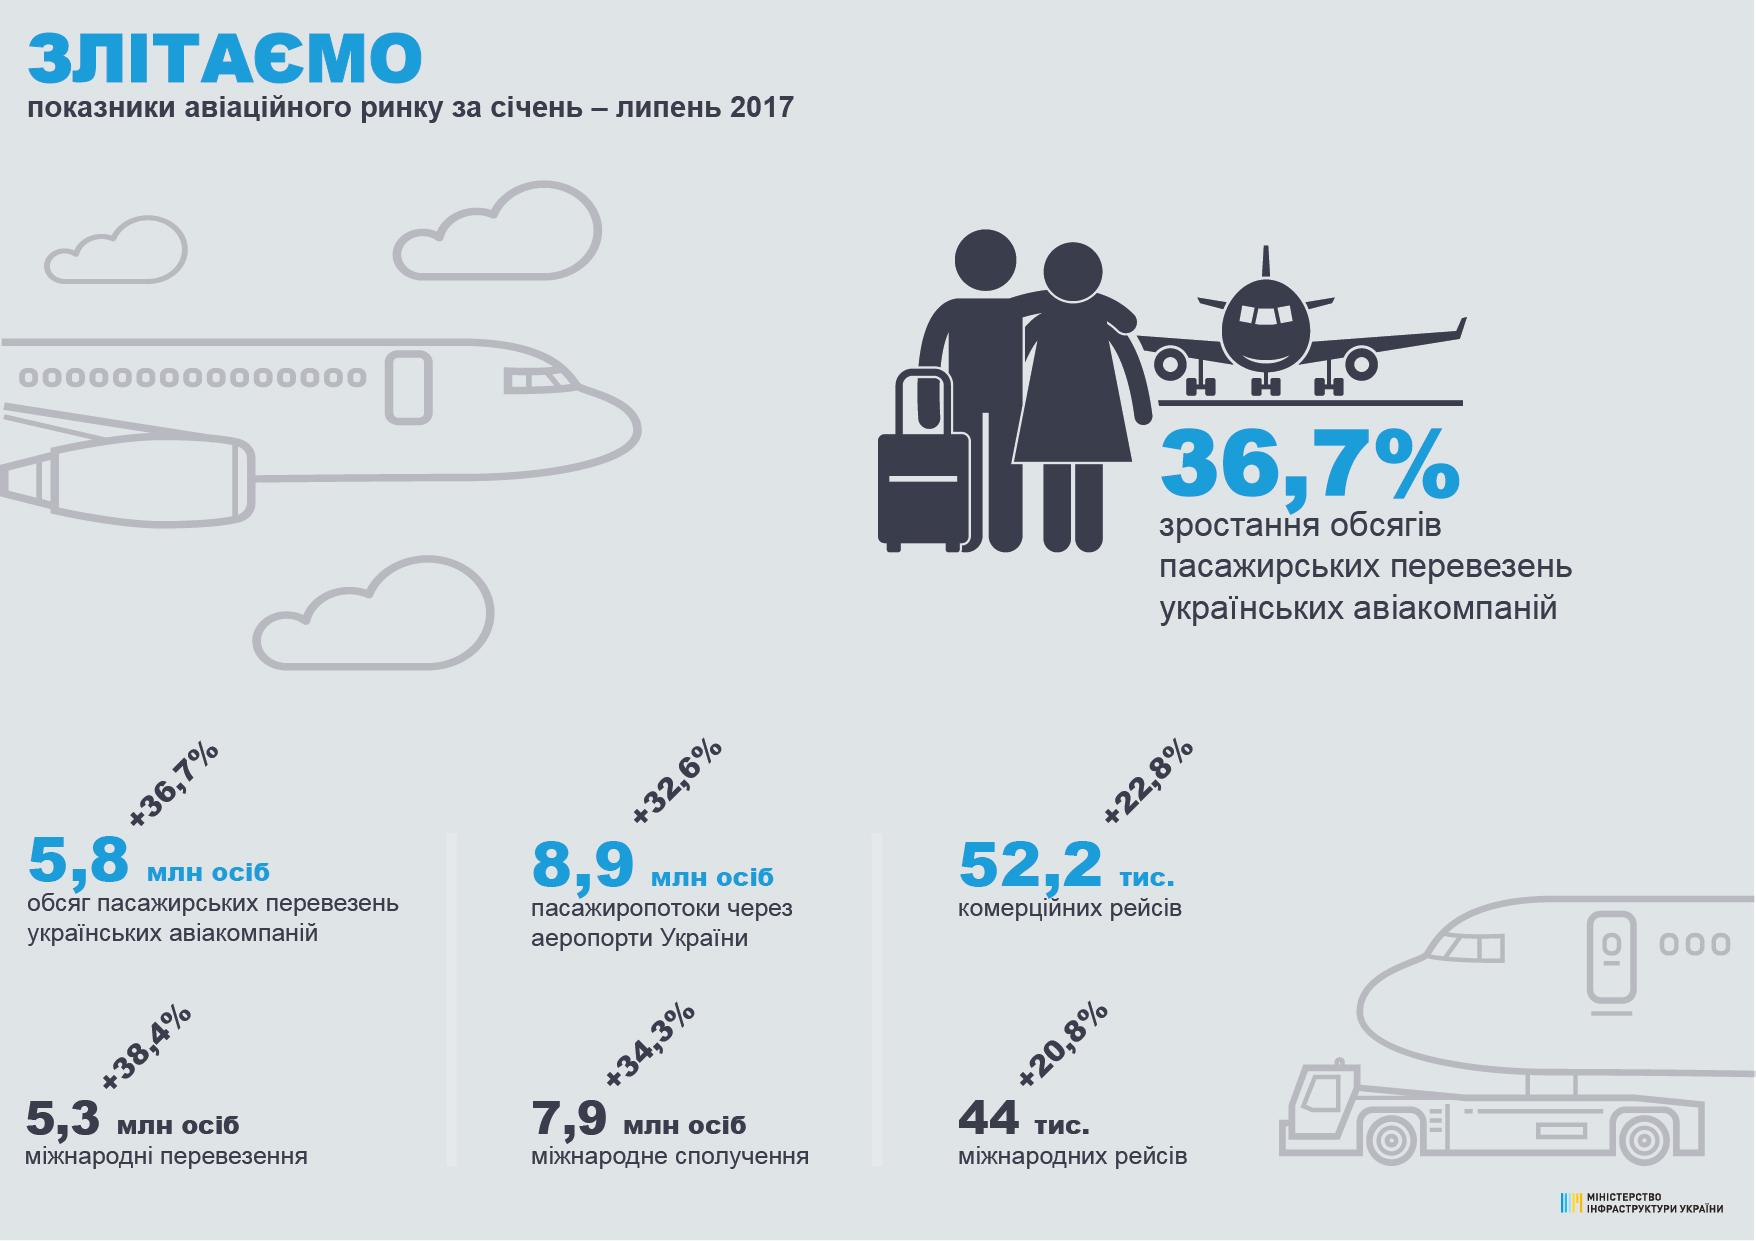 Авиакомпании Украины увеличили пассажирские перевозки на 37%